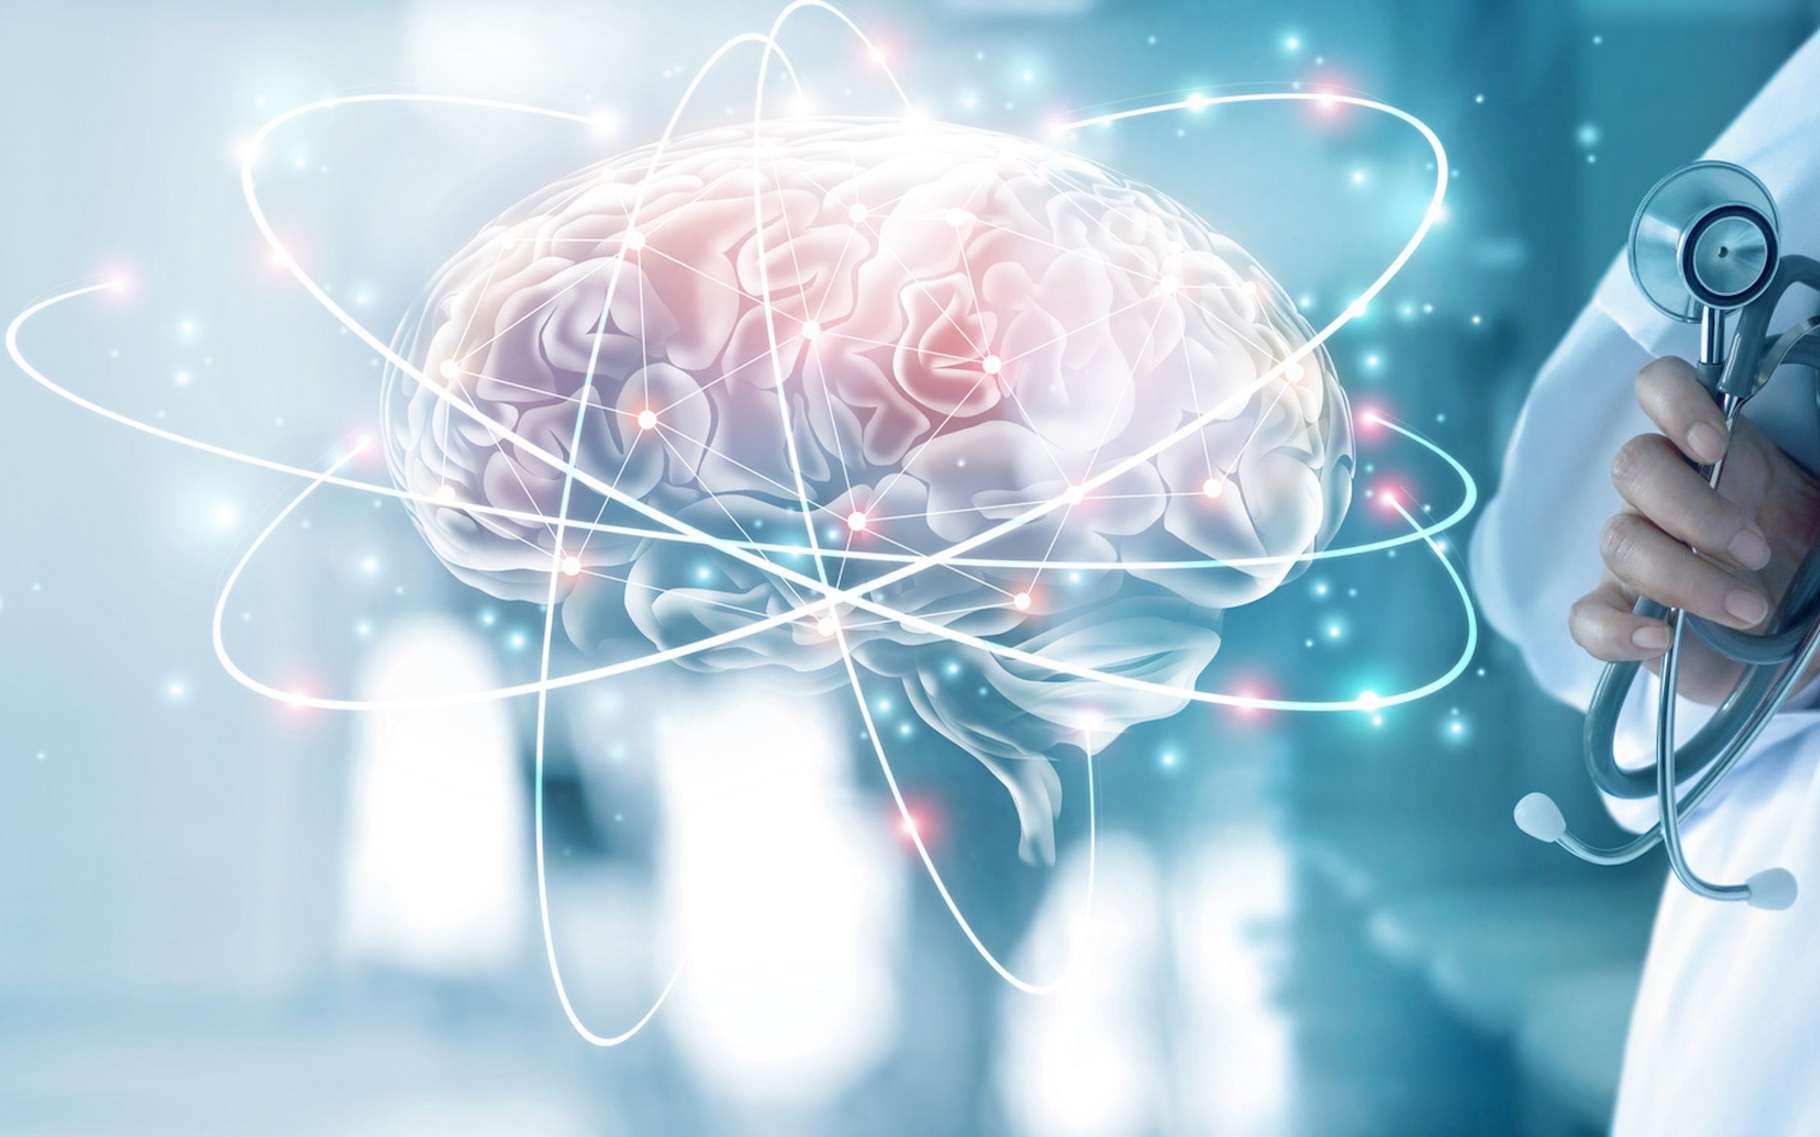 Selon des chercheurs coréens, un stress chronique entraînerait la destruction de cellules souches neurales dans l'hippocampe adulte. © ipopba, Fotolia